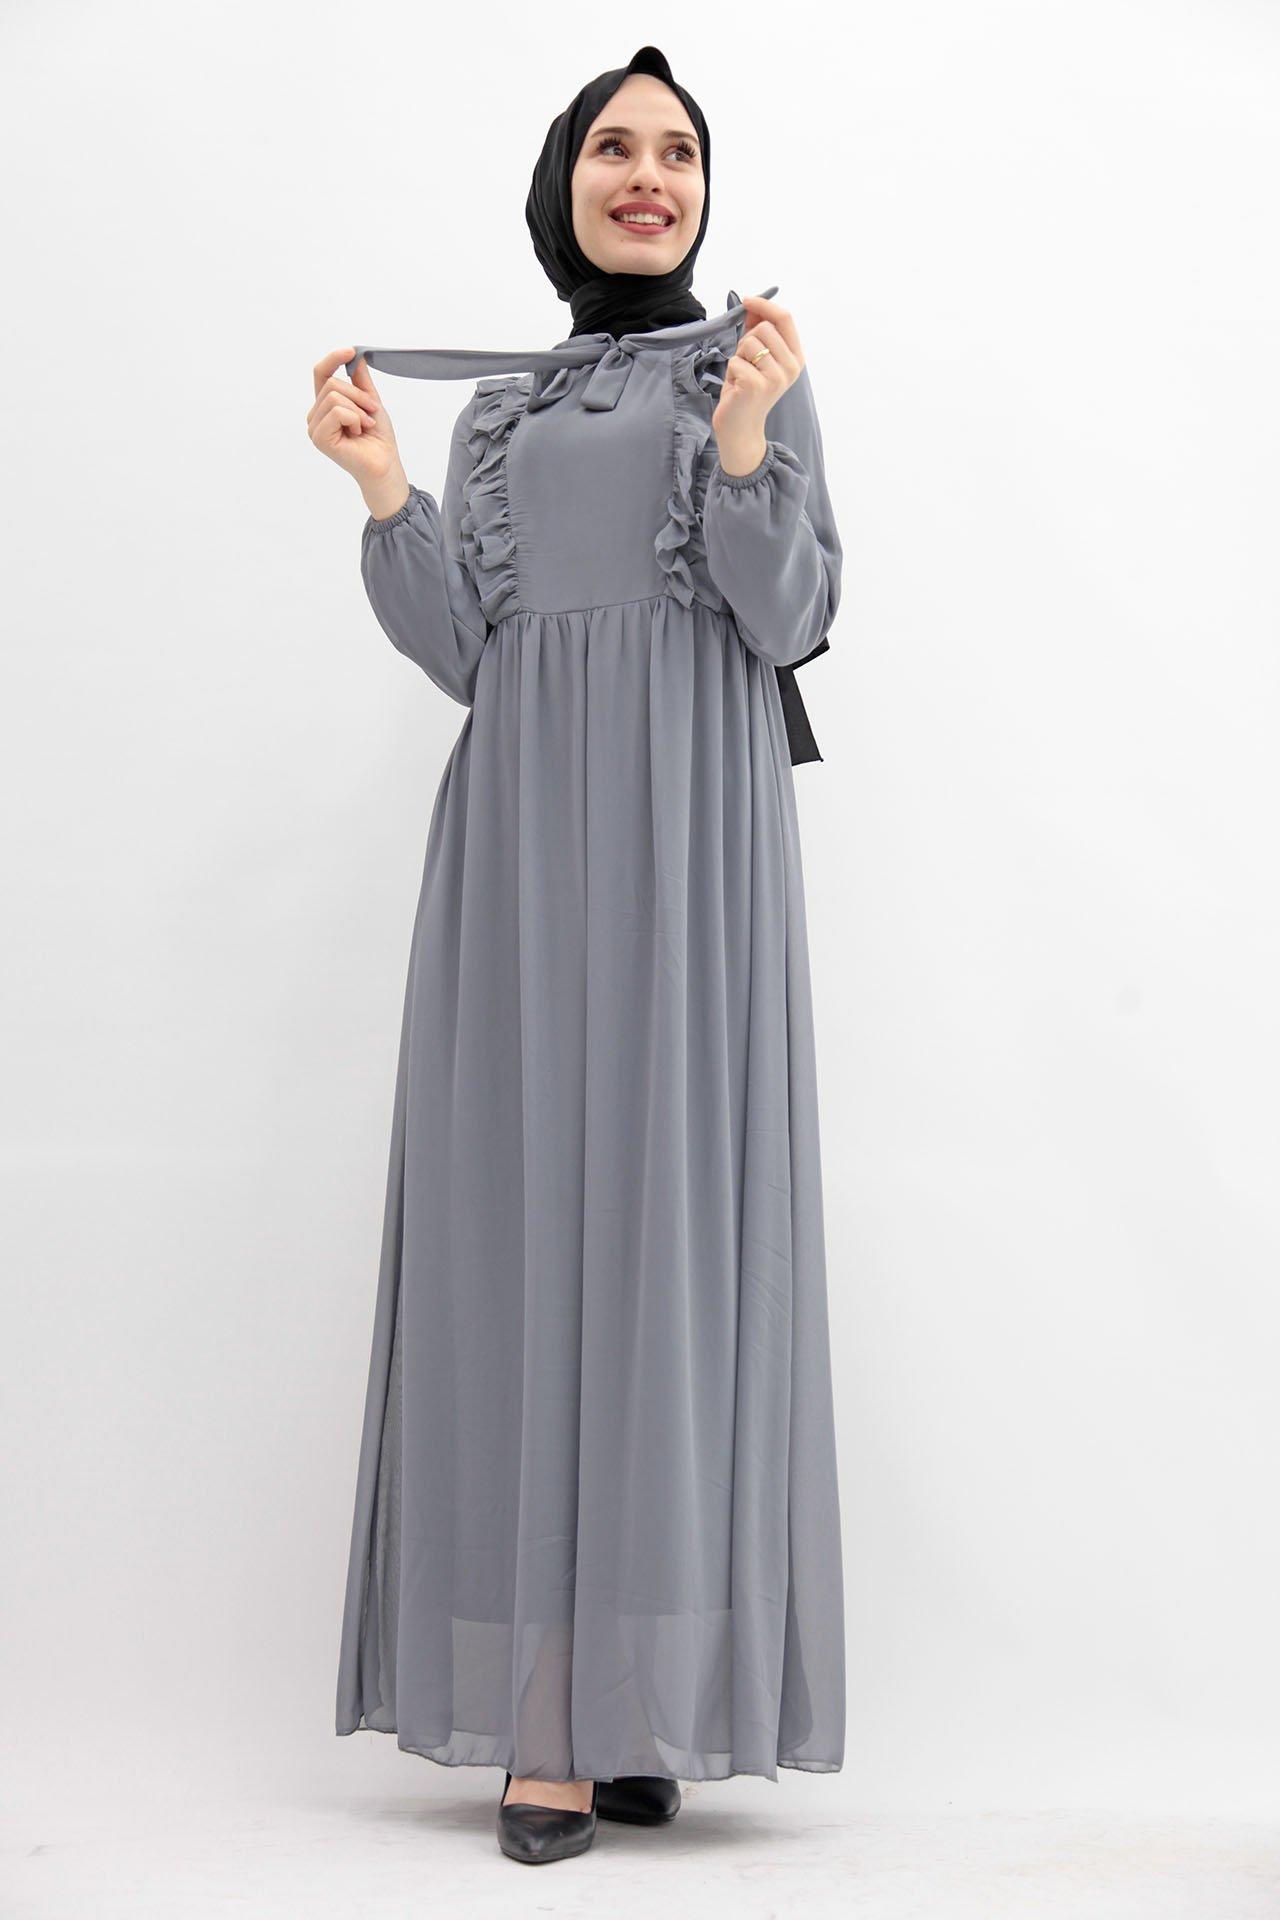 GİZAGİYİM - Fırfırlı Şifon Tesettür Elbise Gri